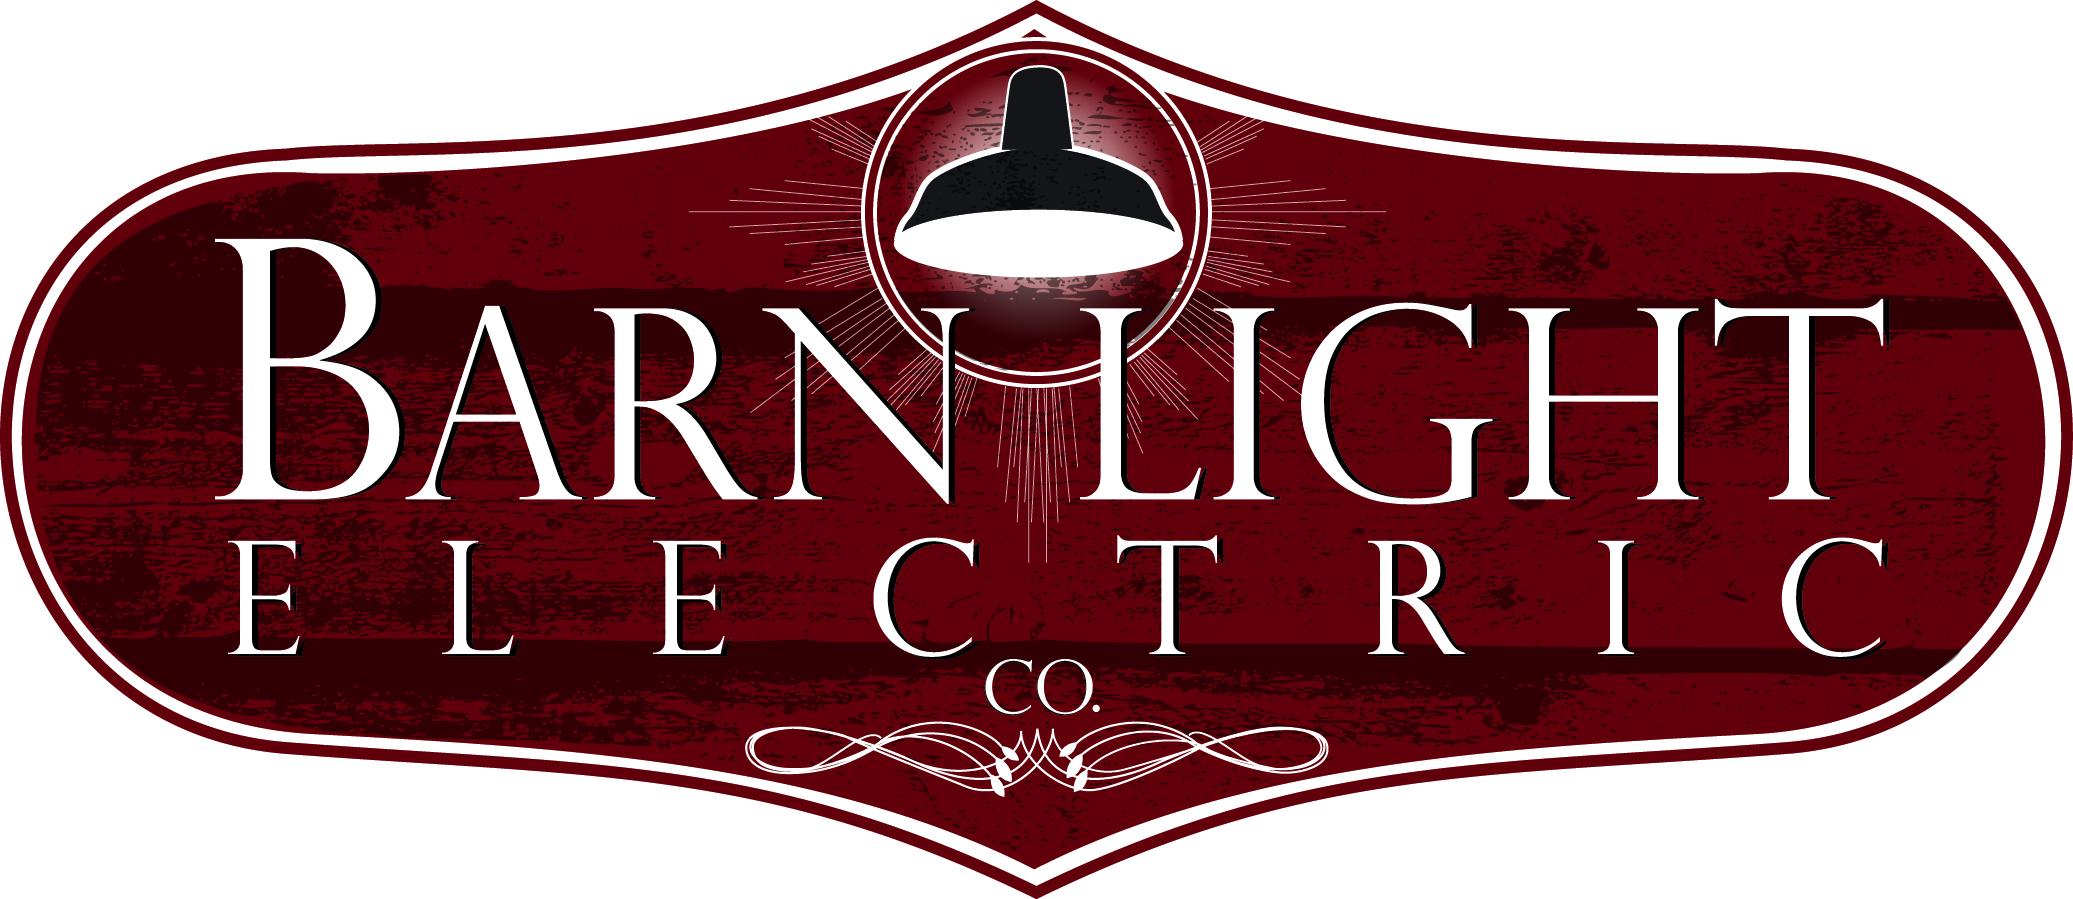 Fullsize Of Barn Light Electric